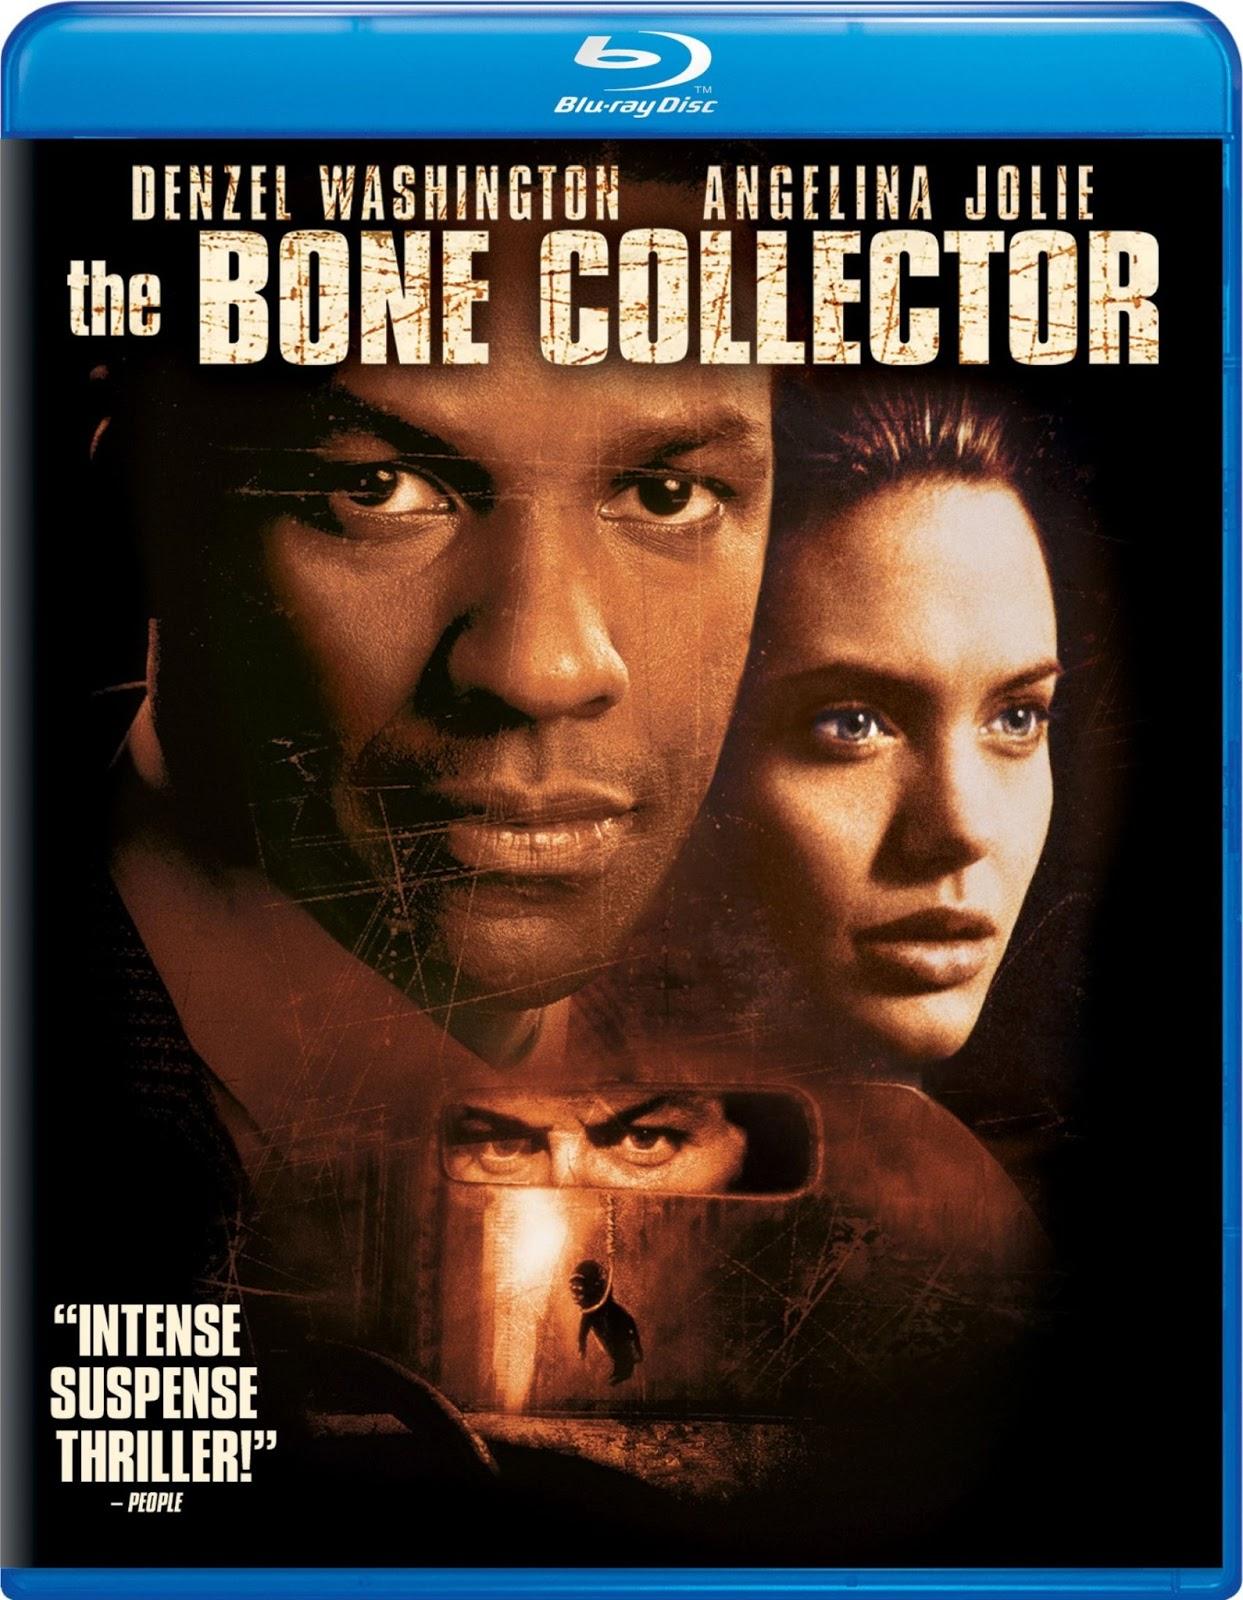 http://3.bp.blogspot.com/-j-D-P9LM5eM/UOiCWQFajbI/AAAAAAAAKYQ/SUw8biOXLYQ/s1600/bone+collector.jpg